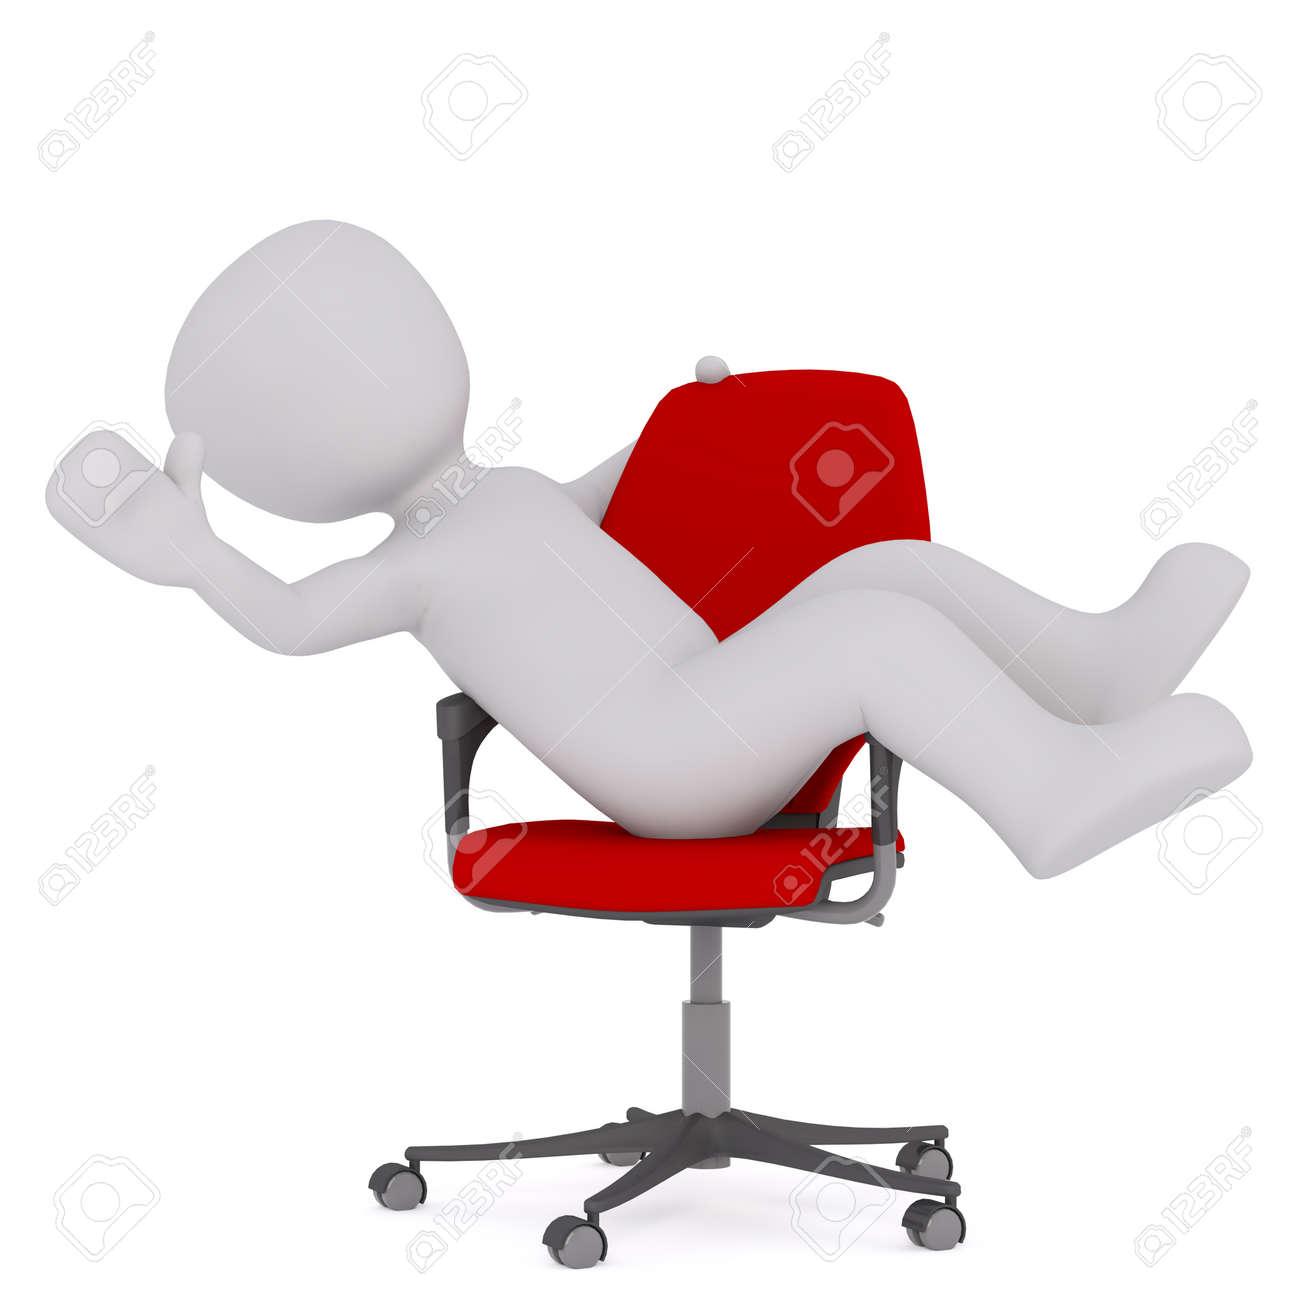 Banque dimages générique grey 3d cartoon figure reclining confortablement en peluche red office chair en face de fond blanc